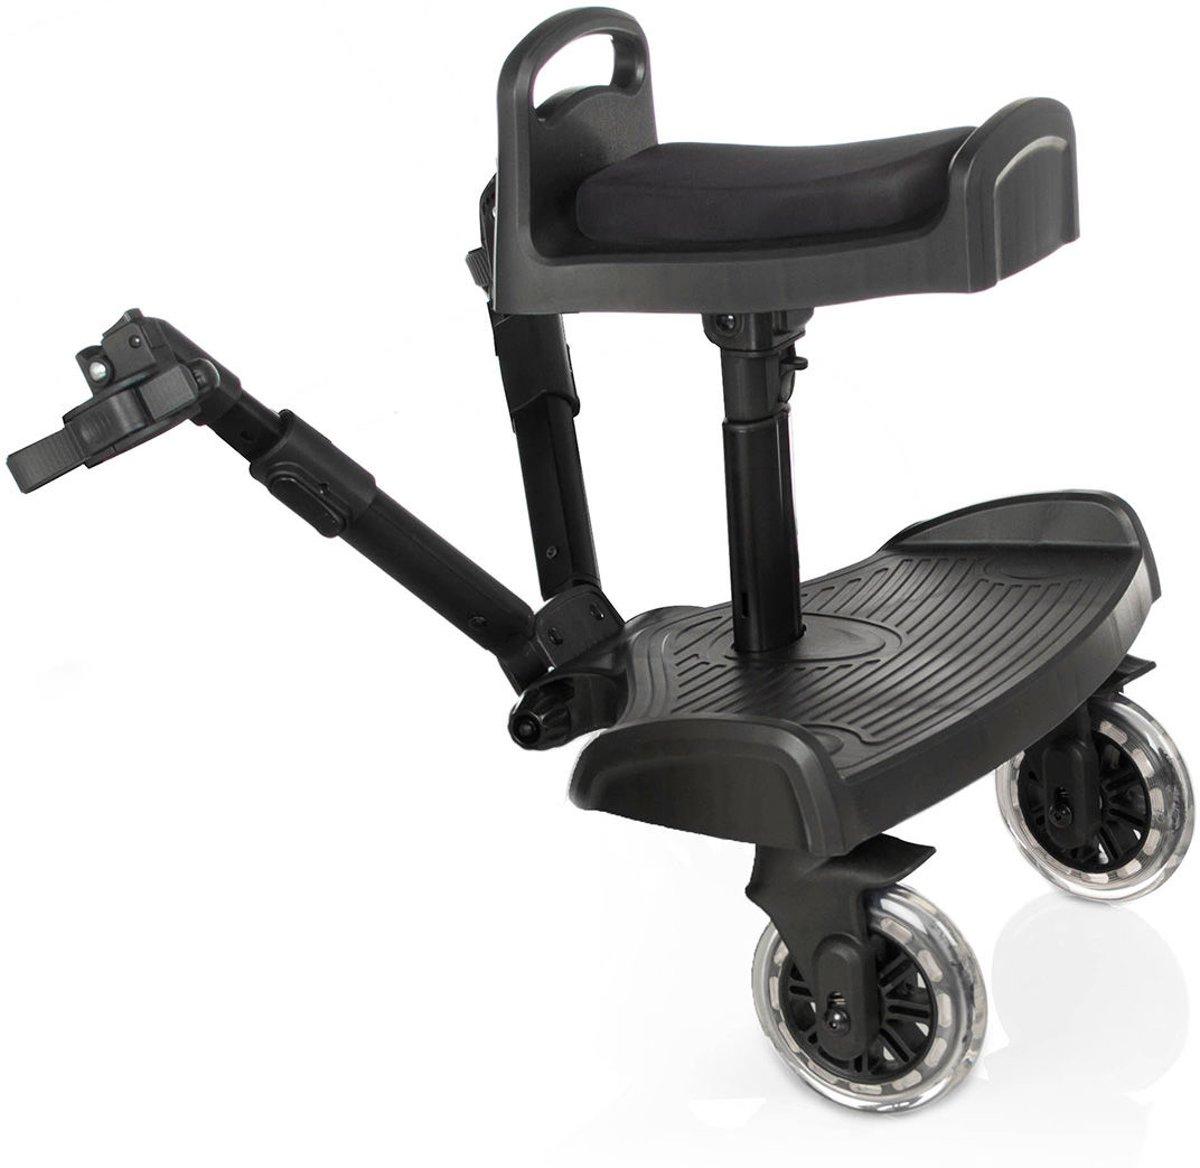 Bolcom Kinderwagen Buggy Accessoires Kopen Kijk Snel